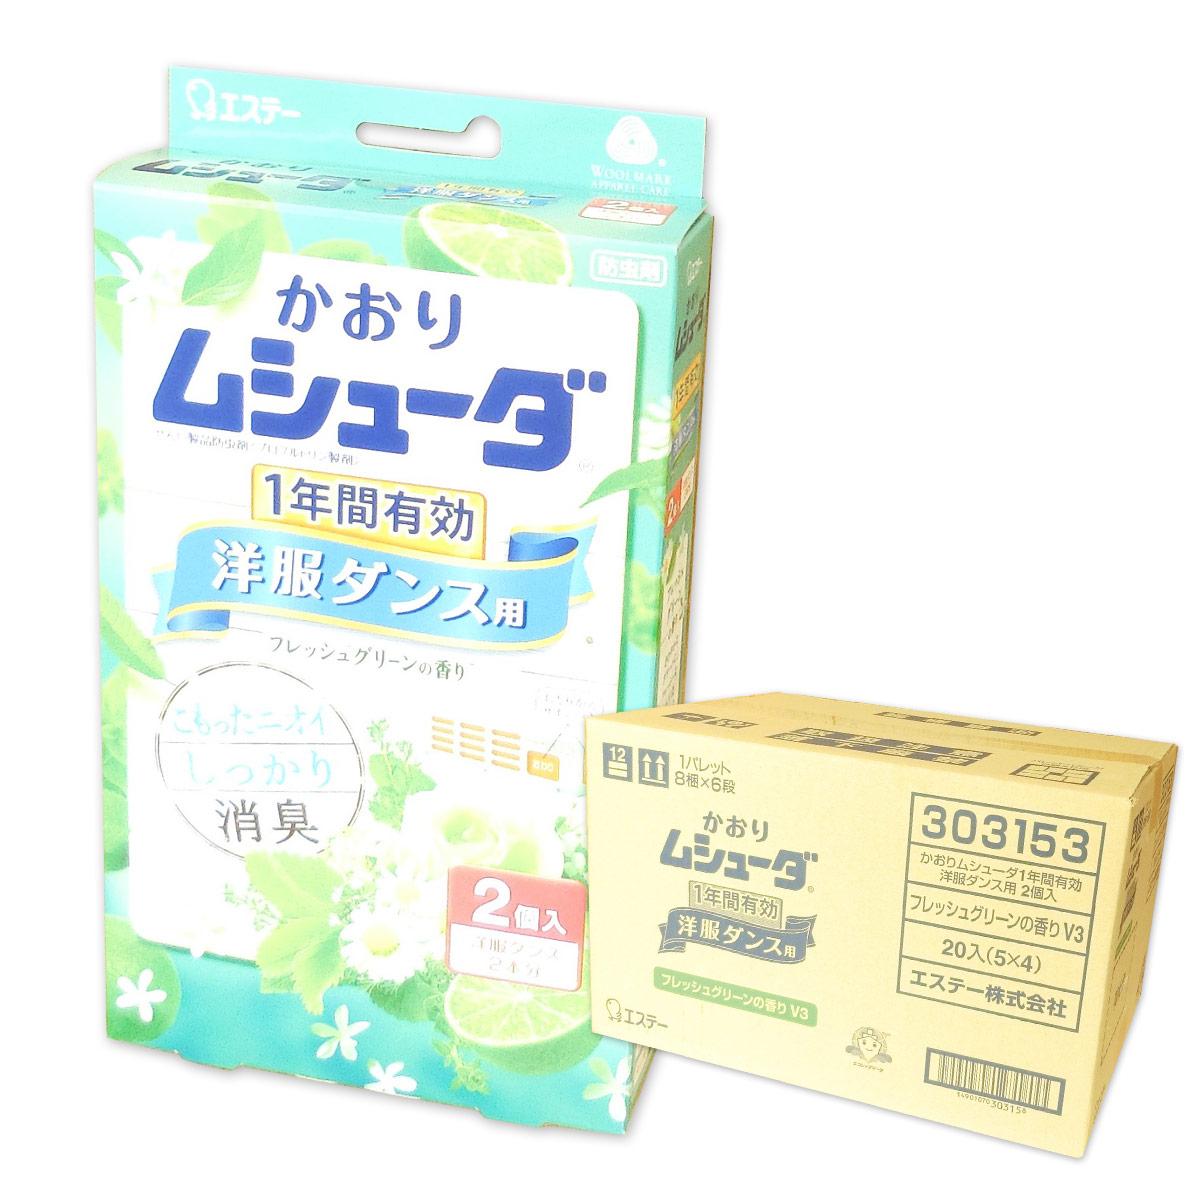 かおりムシューダ 洋服ダンス用 フレッシュグリーンの香り 2個 × 20箱 計40個 【エステー】【303153】